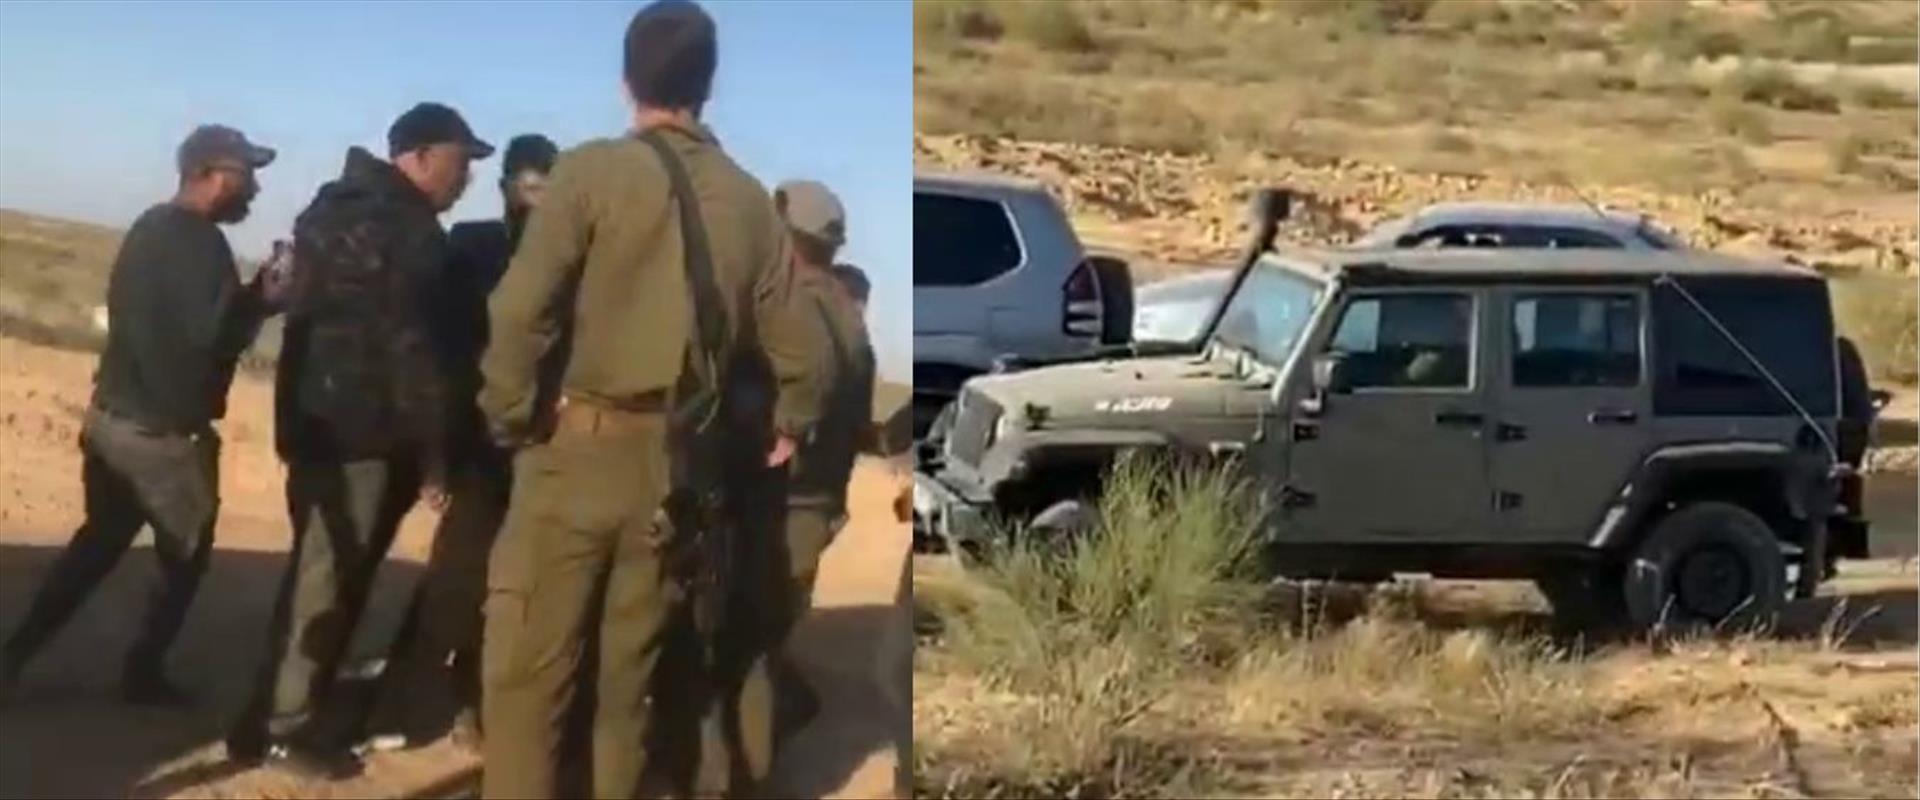 עימות בין חיילים לתושבים בדואים בבסיס צאלים